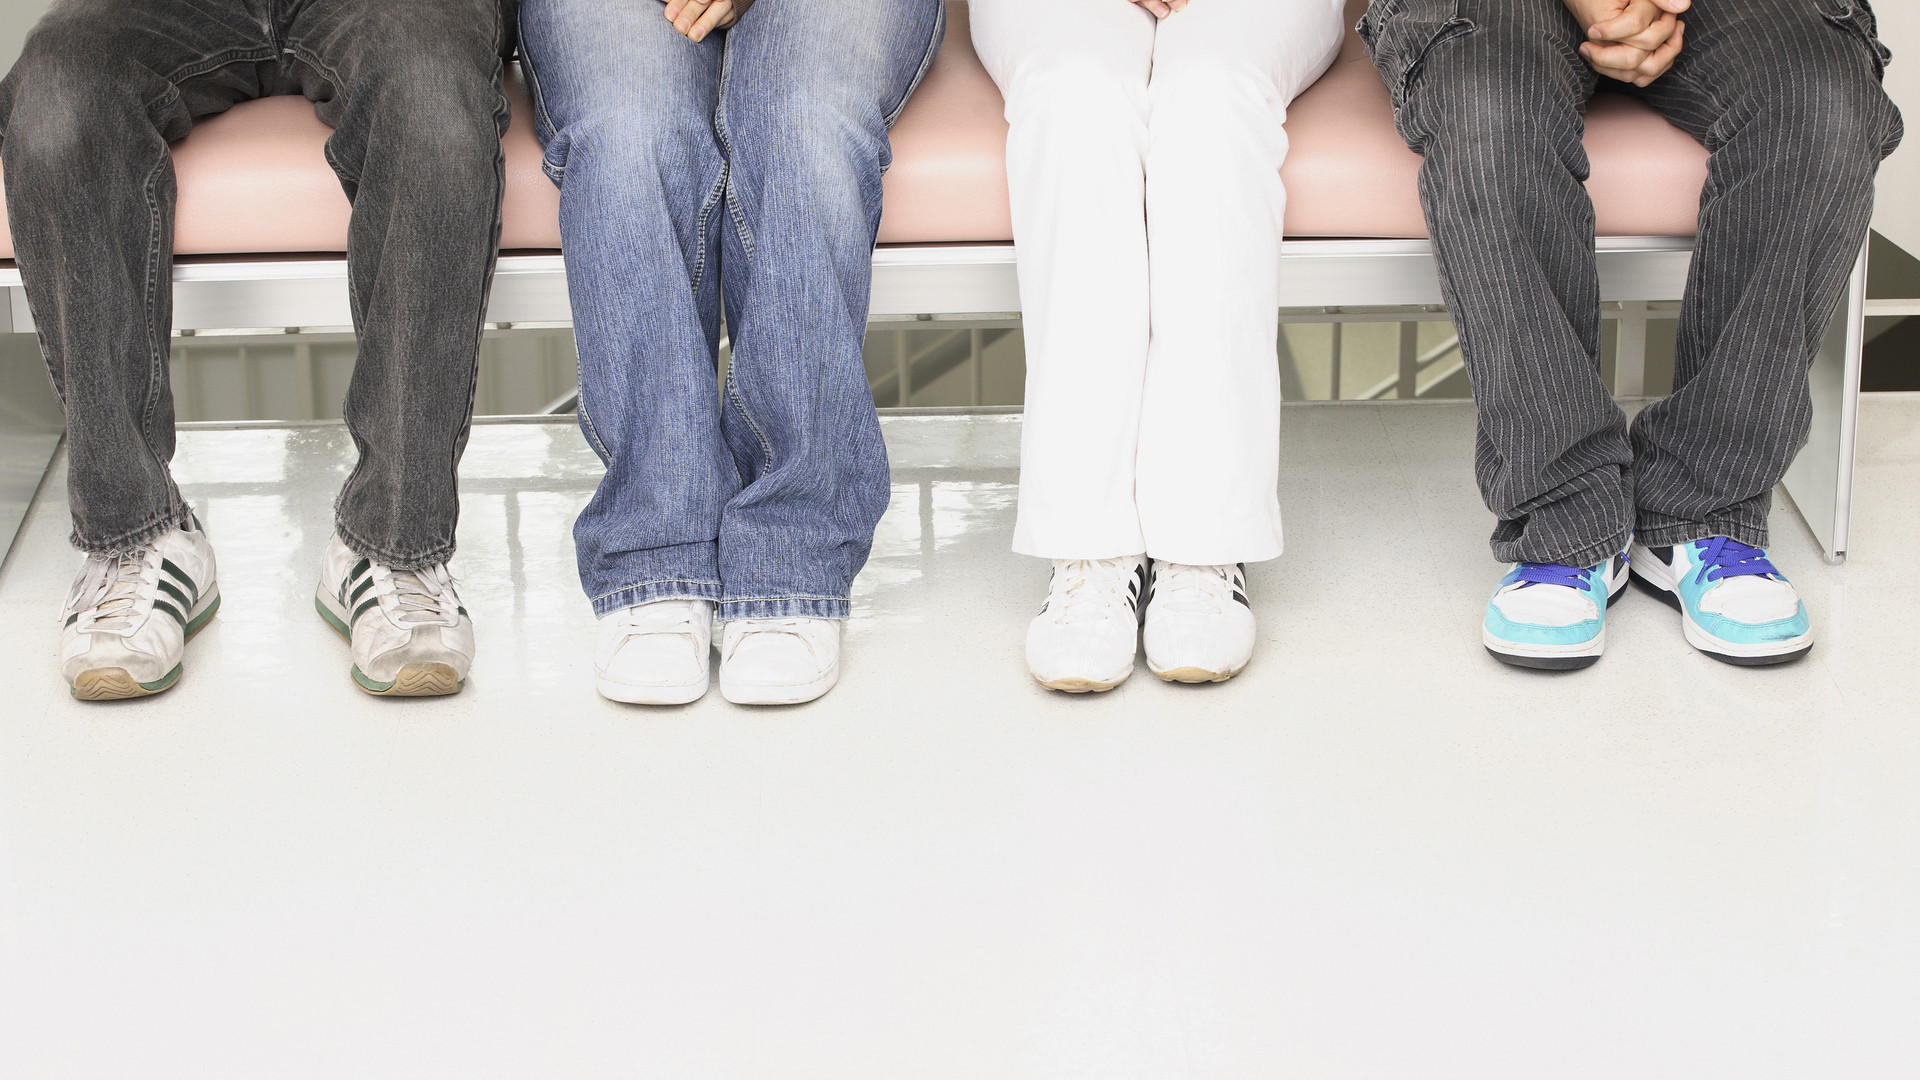 教師への夢をあきらめた学生たち 現役教育大生のリアル 競争倍率低下時代における教育の危機(内田良) - 個人 - Yahoo!ニュース